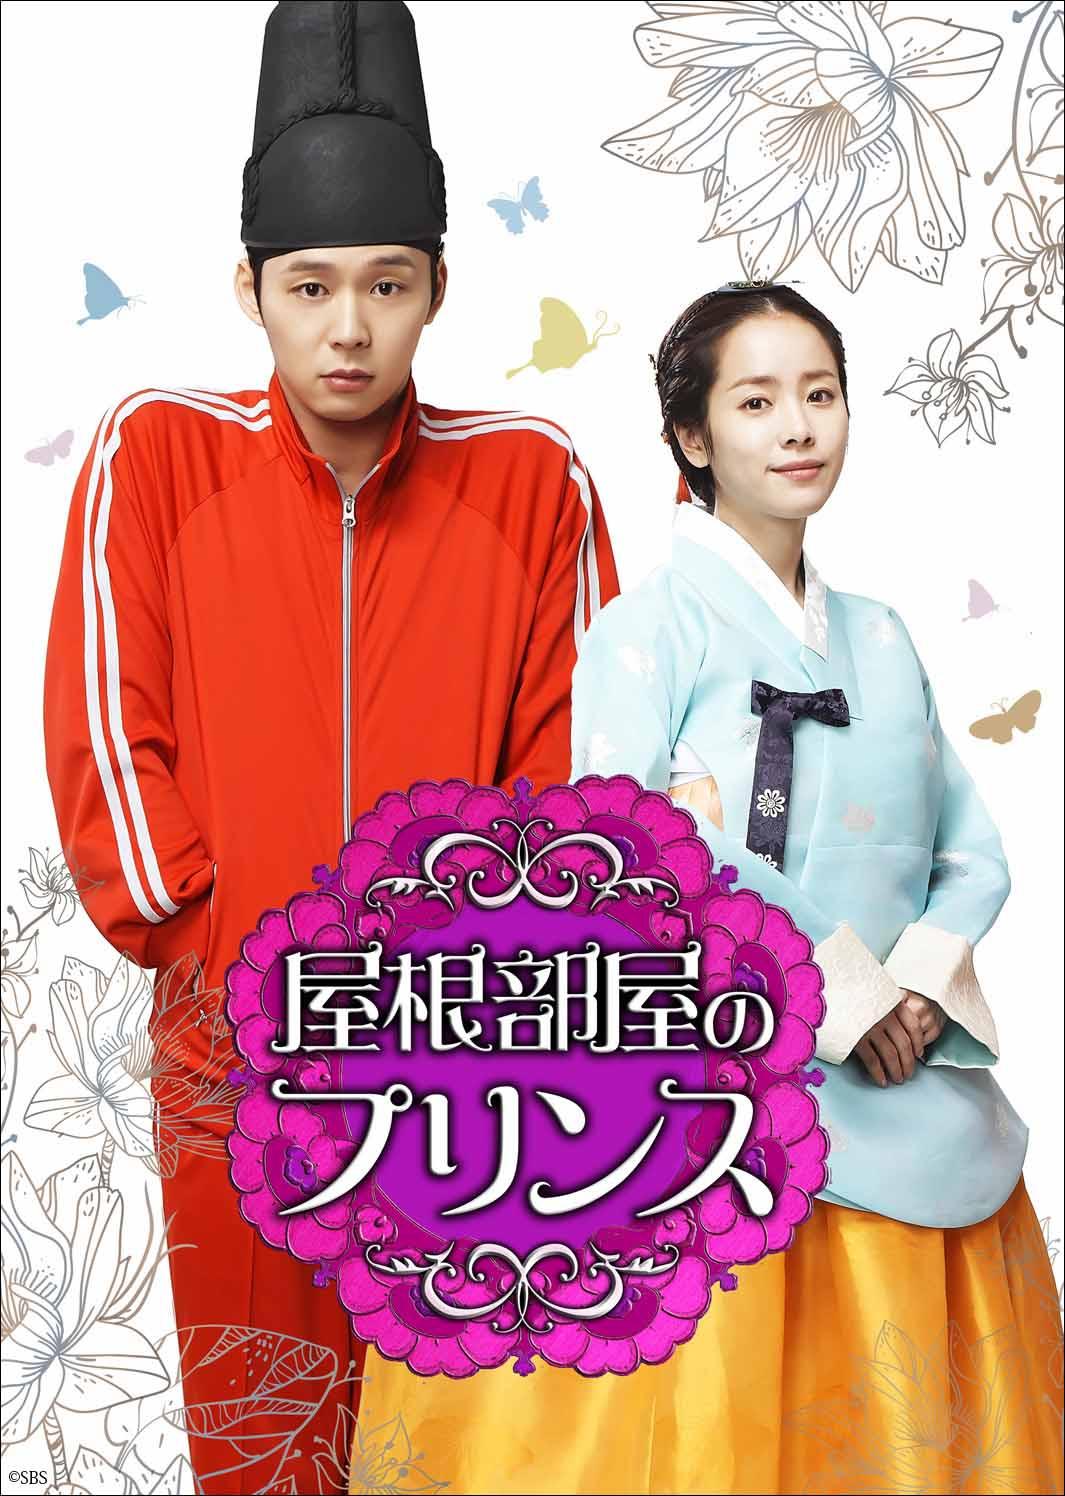 パク・ユチョン主演「屋根部屋のプリンス」 DVD&Blu-rayリリース遂に決定!